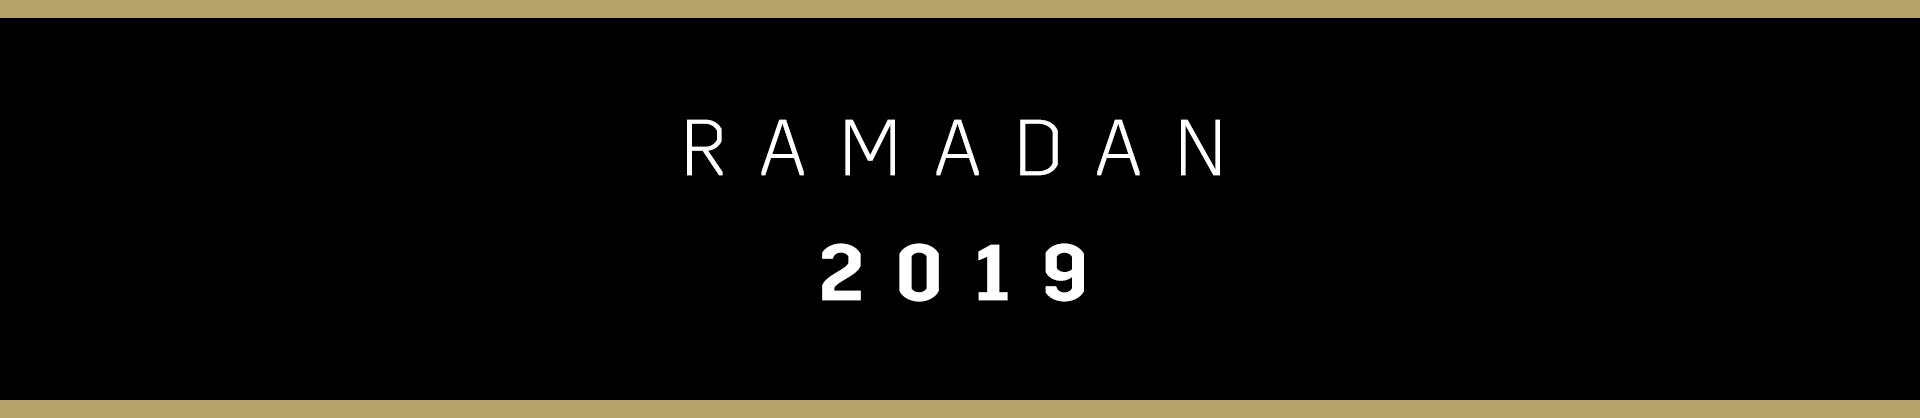 CADILLAC ramadan2.jpg